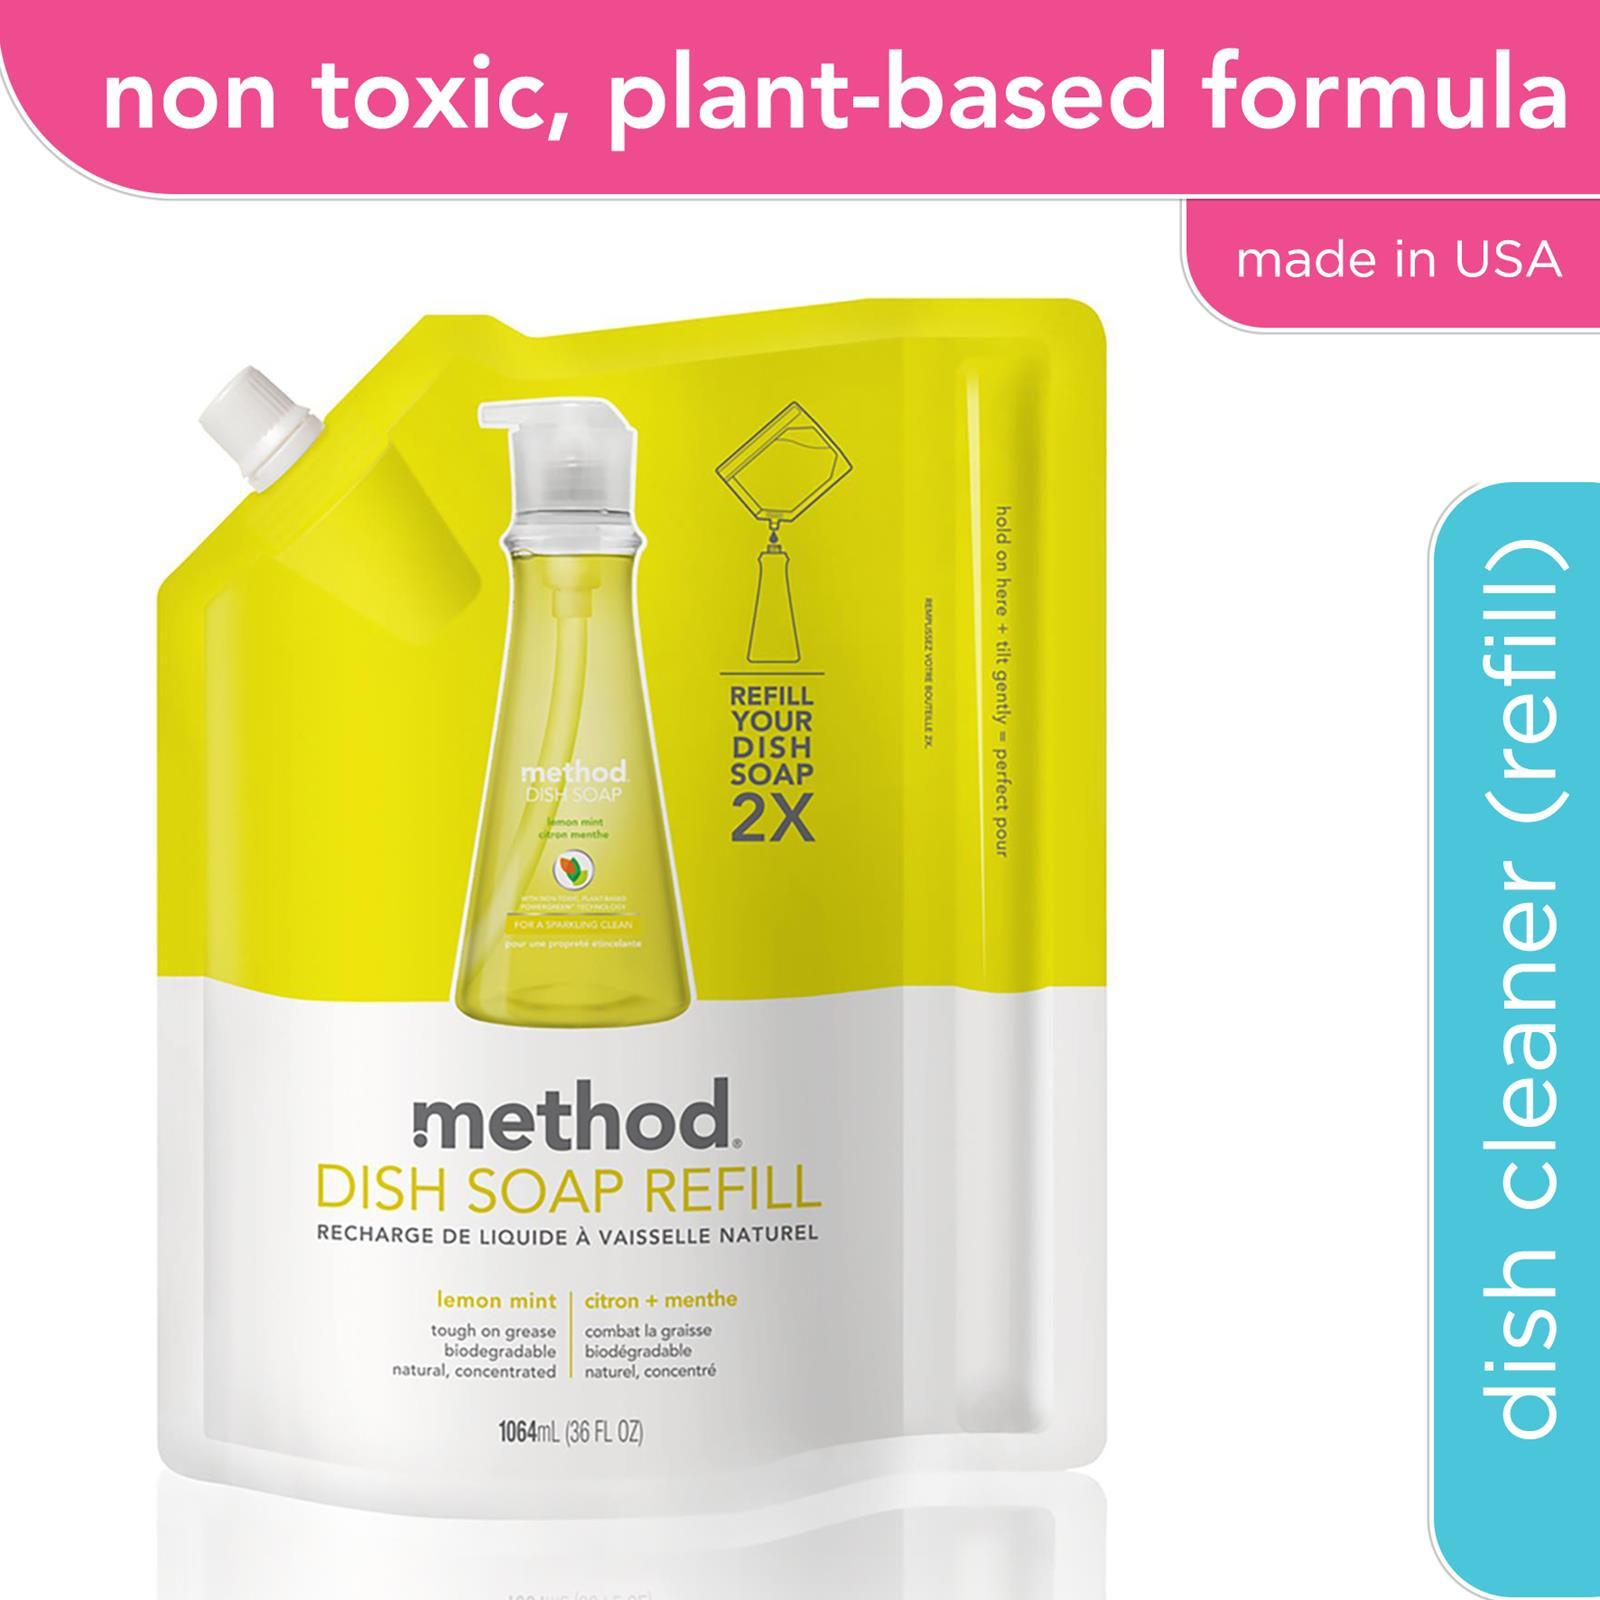 Method Dish Soap Refill - Lemon Mint 1l By Corlison.